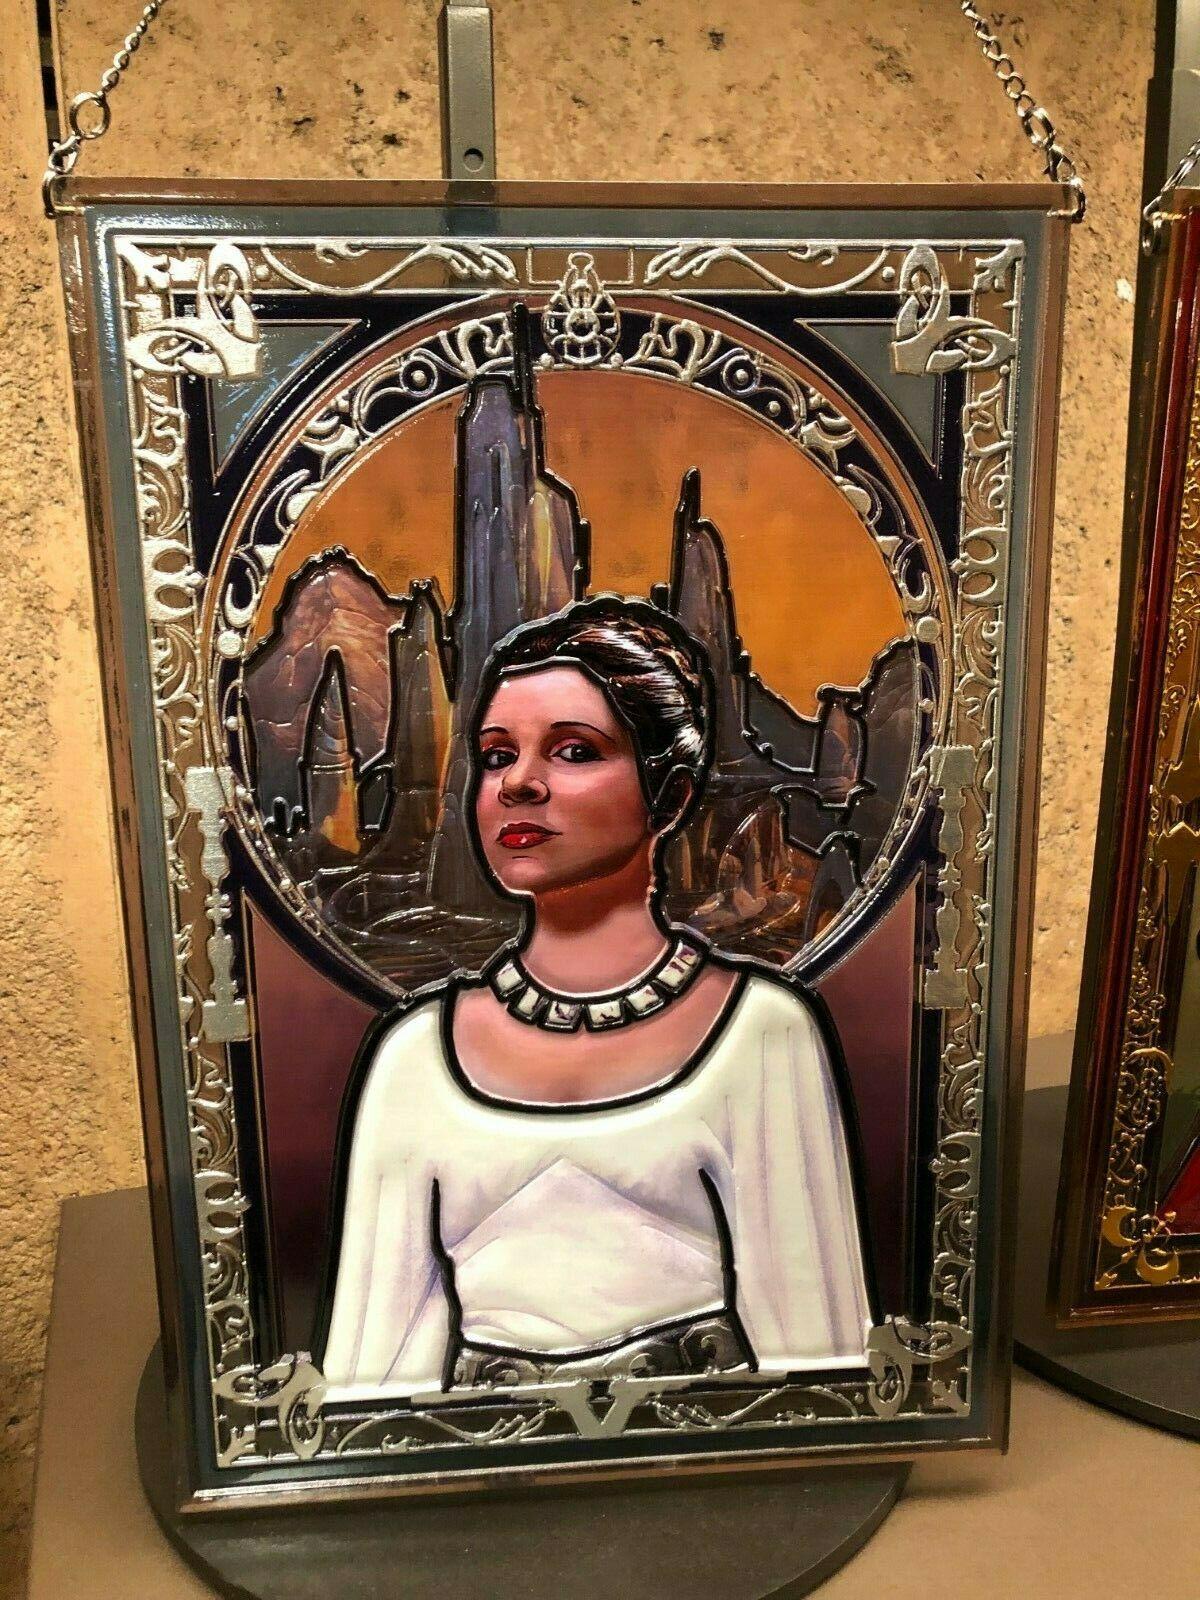 SWGE Princess Leia Portrait 2